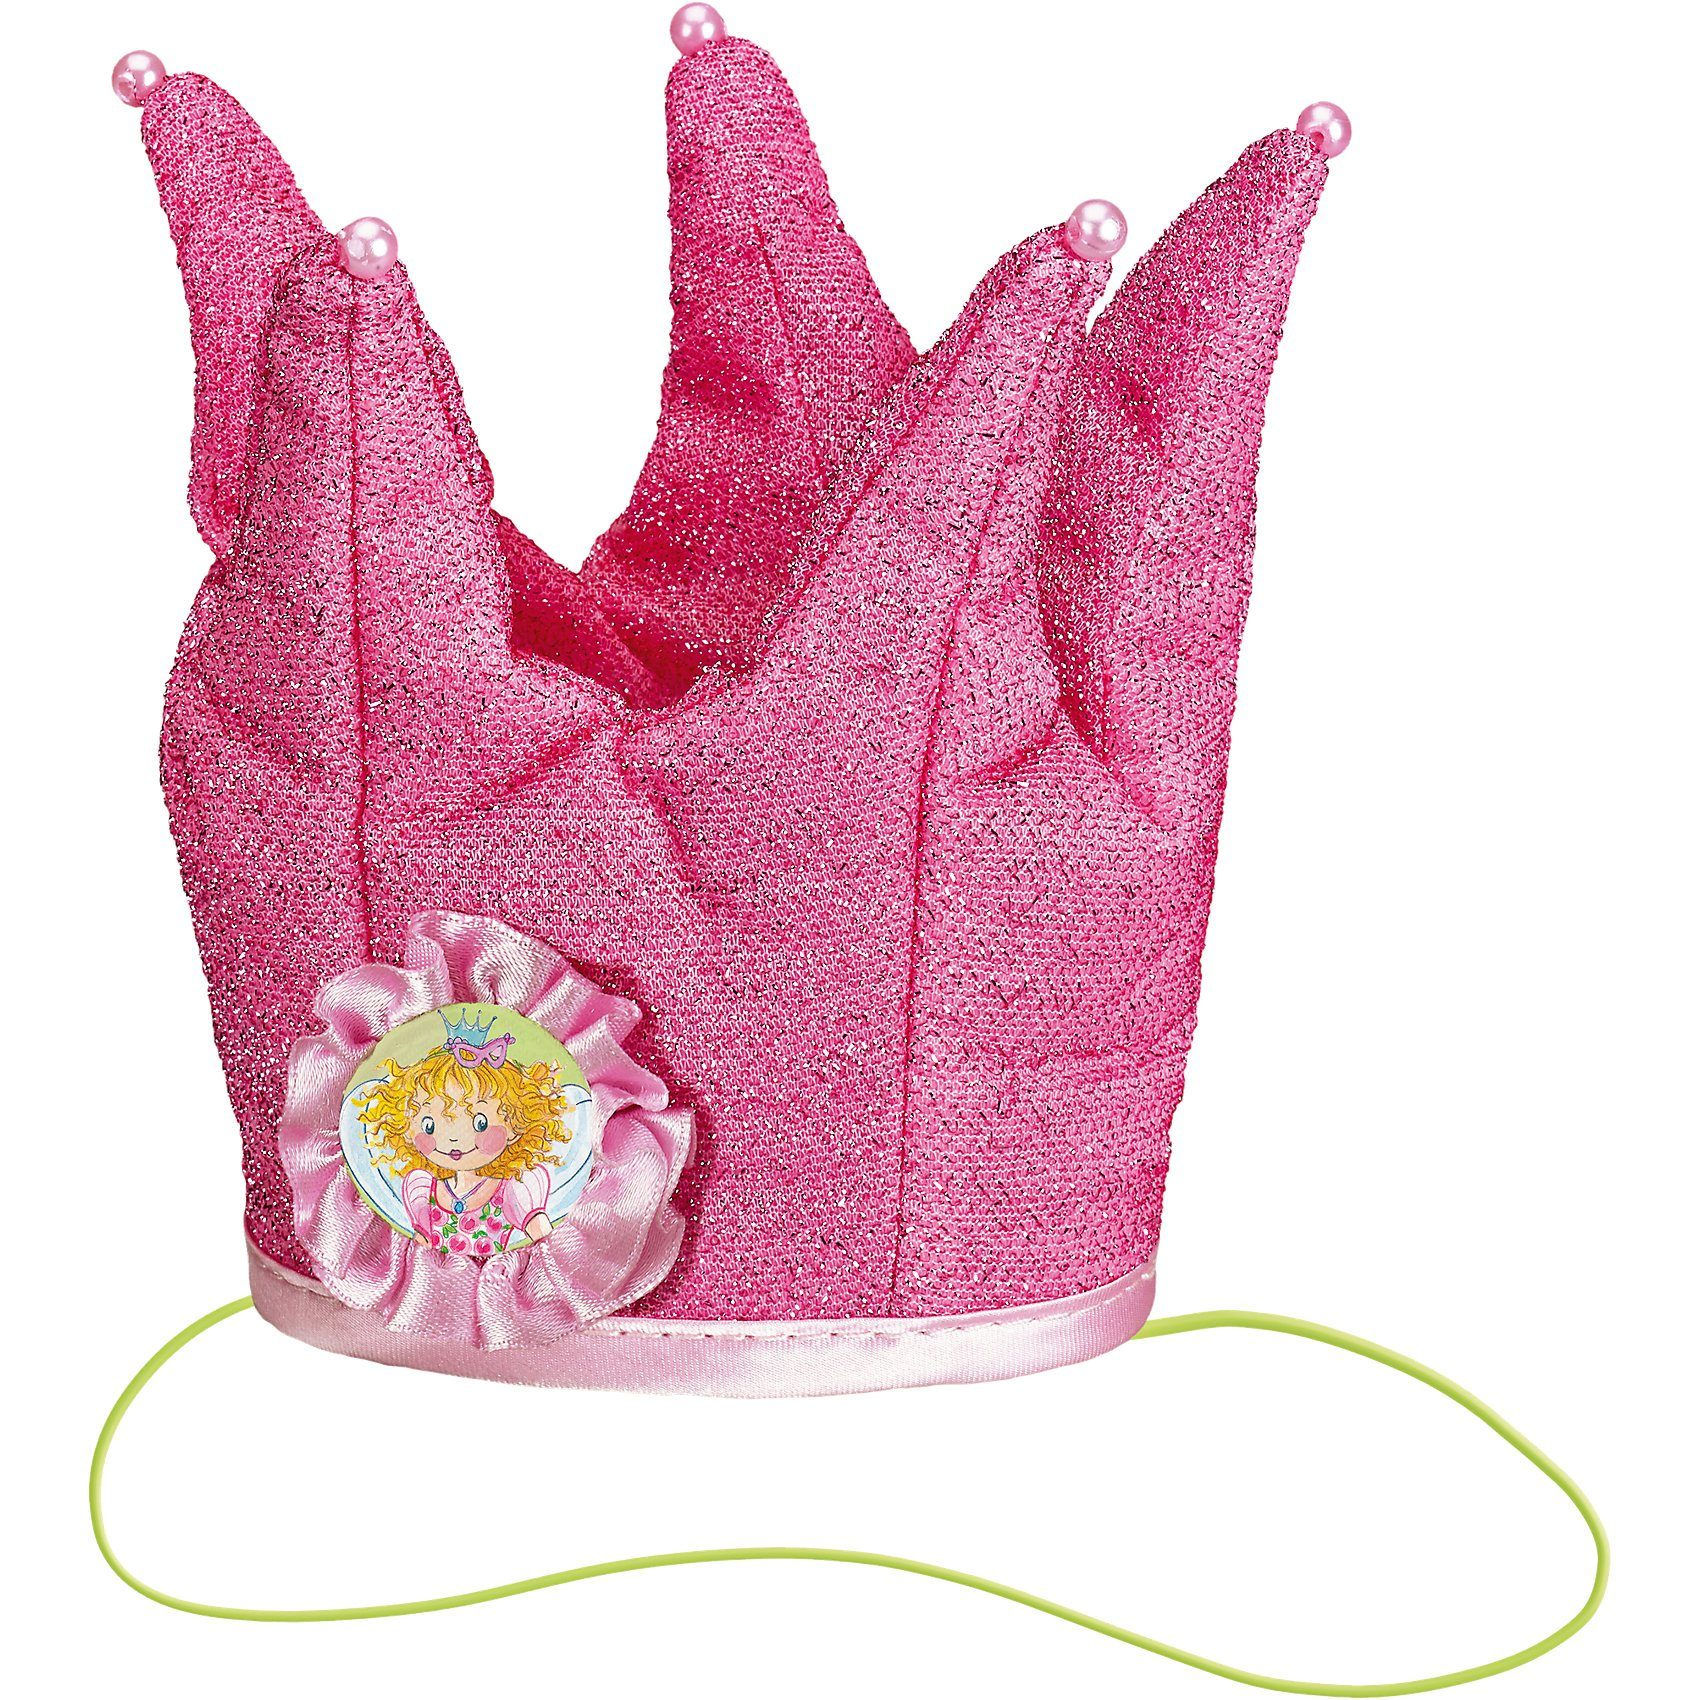 Spiegelburg Prinzessinnen-Krone Prinzessin Lillifee